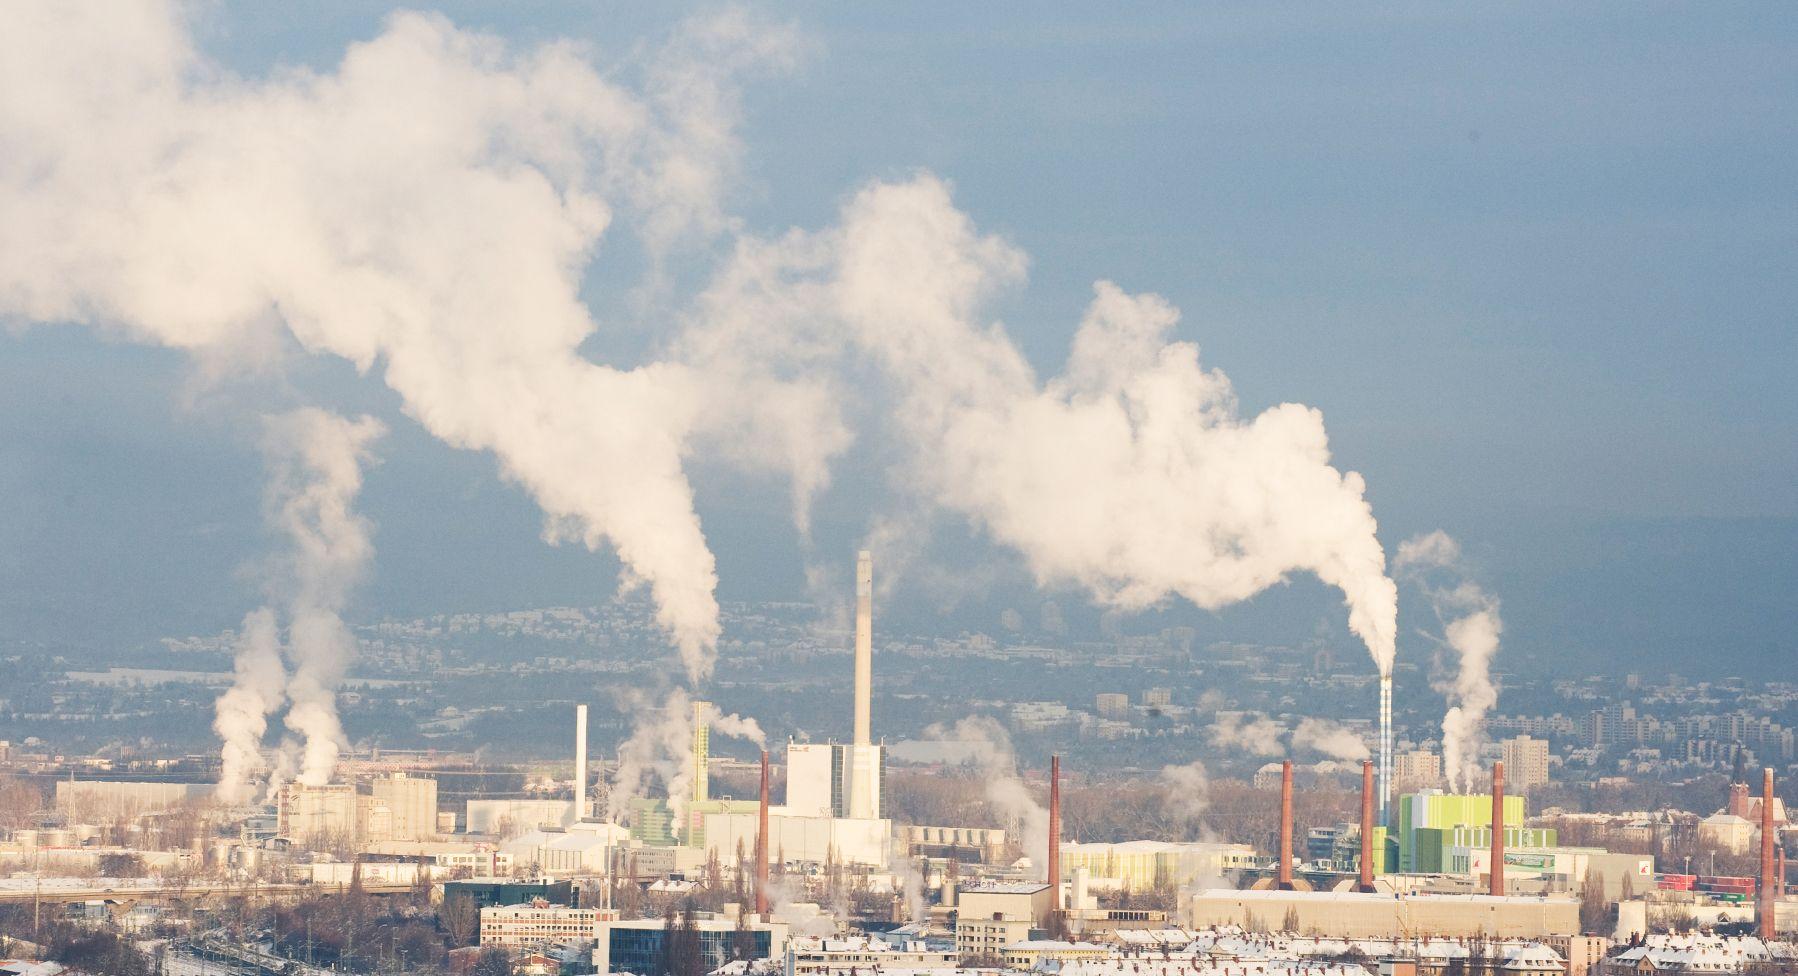 Poluição Do Ar E Poeira Fina São Responsáveis Por Mais De Quatro Milhões De Mortes A Cada Ano